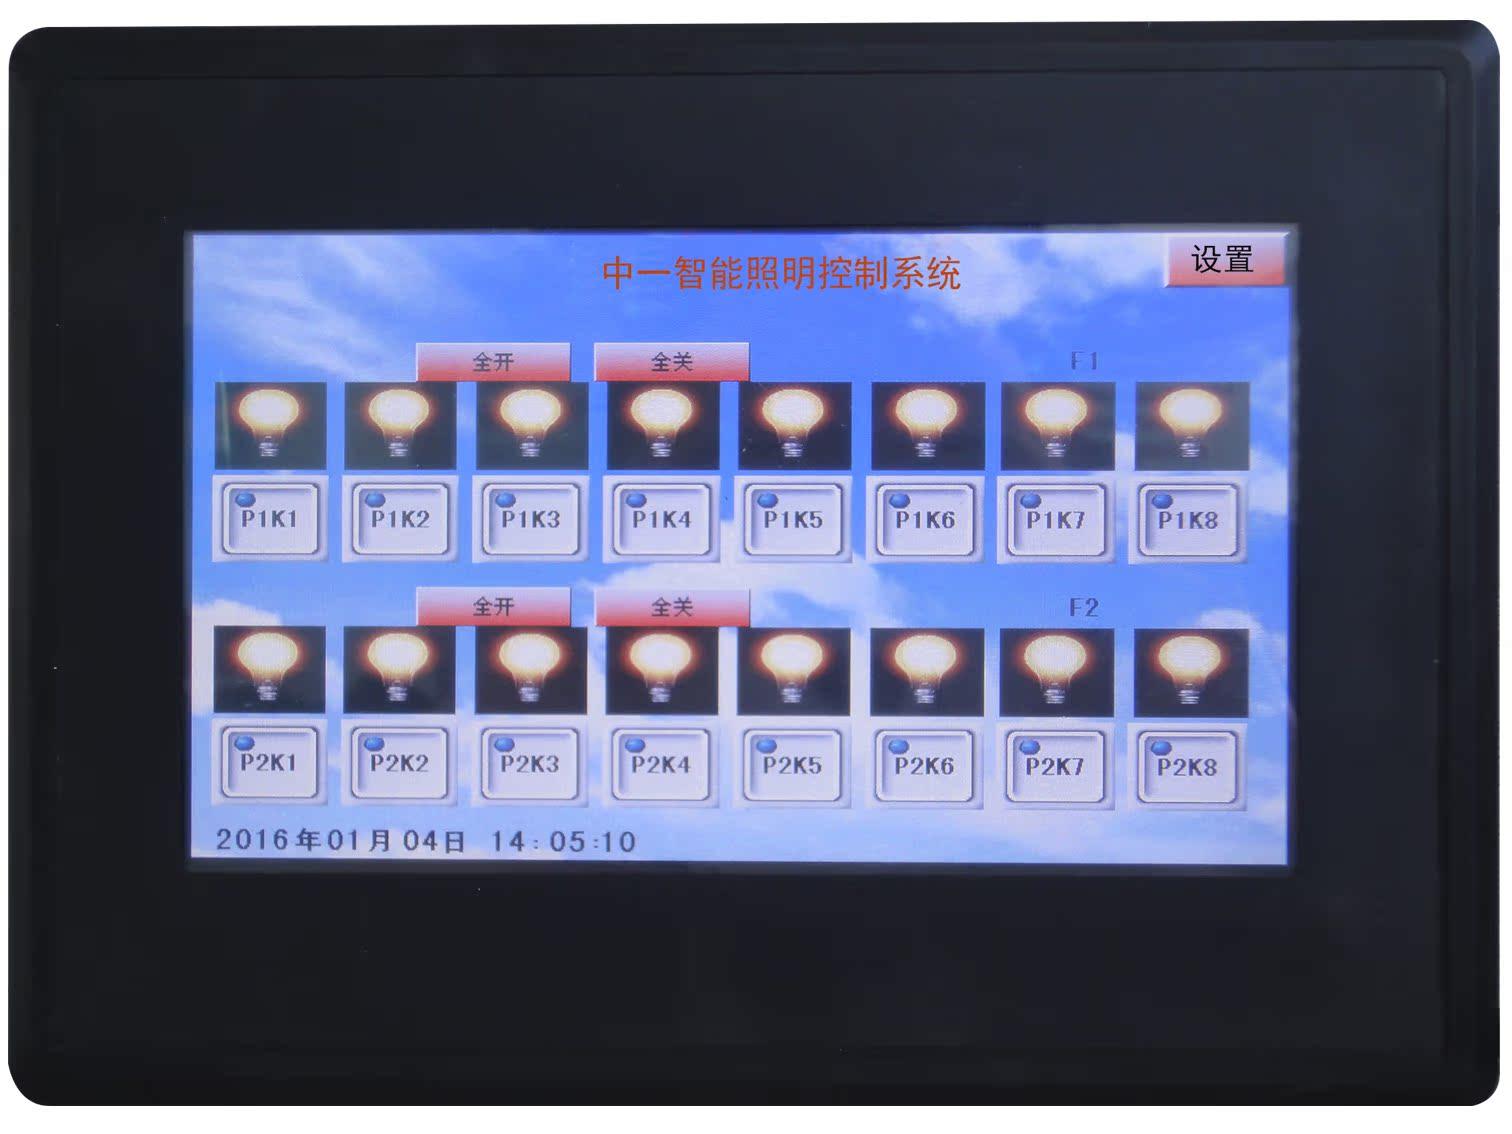 Умный освещение сенсорный экран жидкий кристалл панель жидкокристаллический экран освещение модули панель коснуться панель